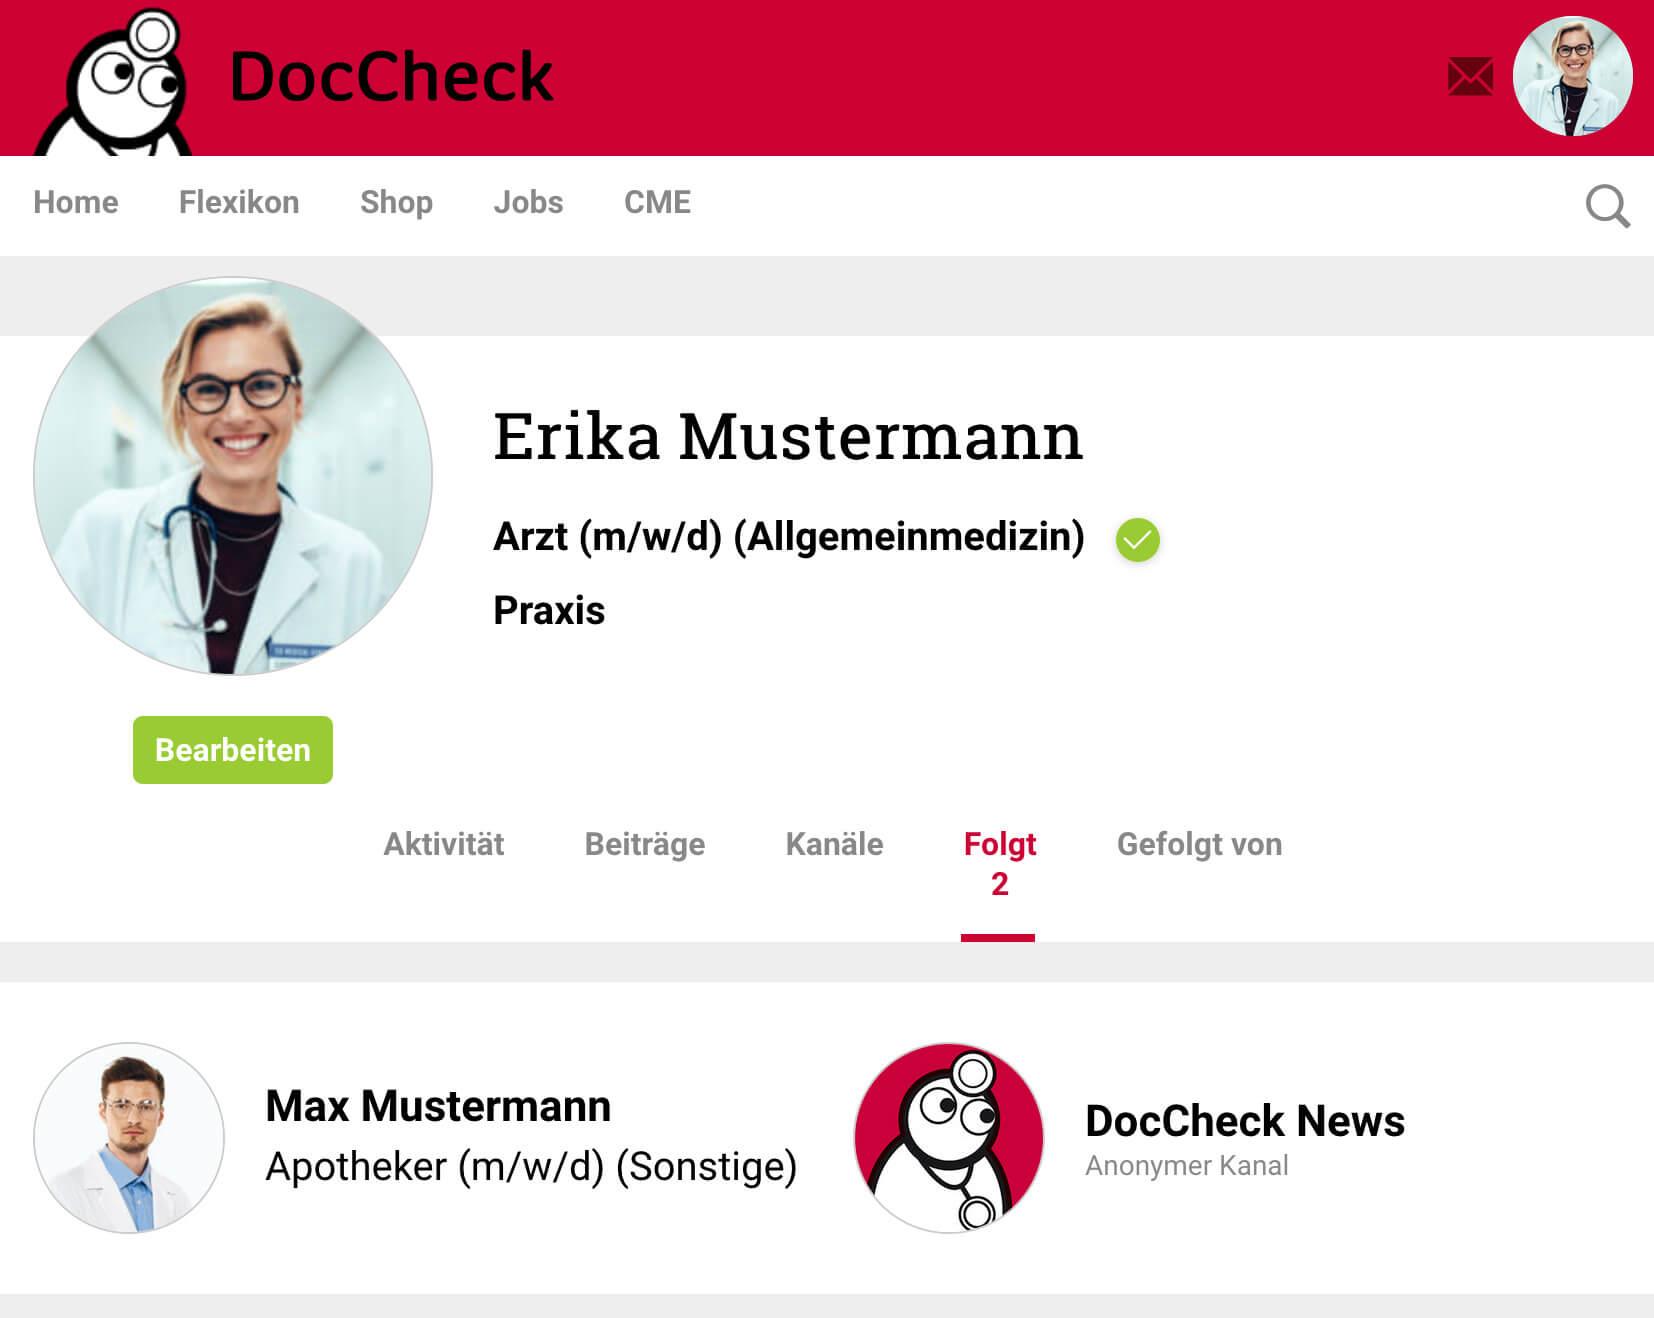 profil_folgt-tab_erika_de_original.jpg